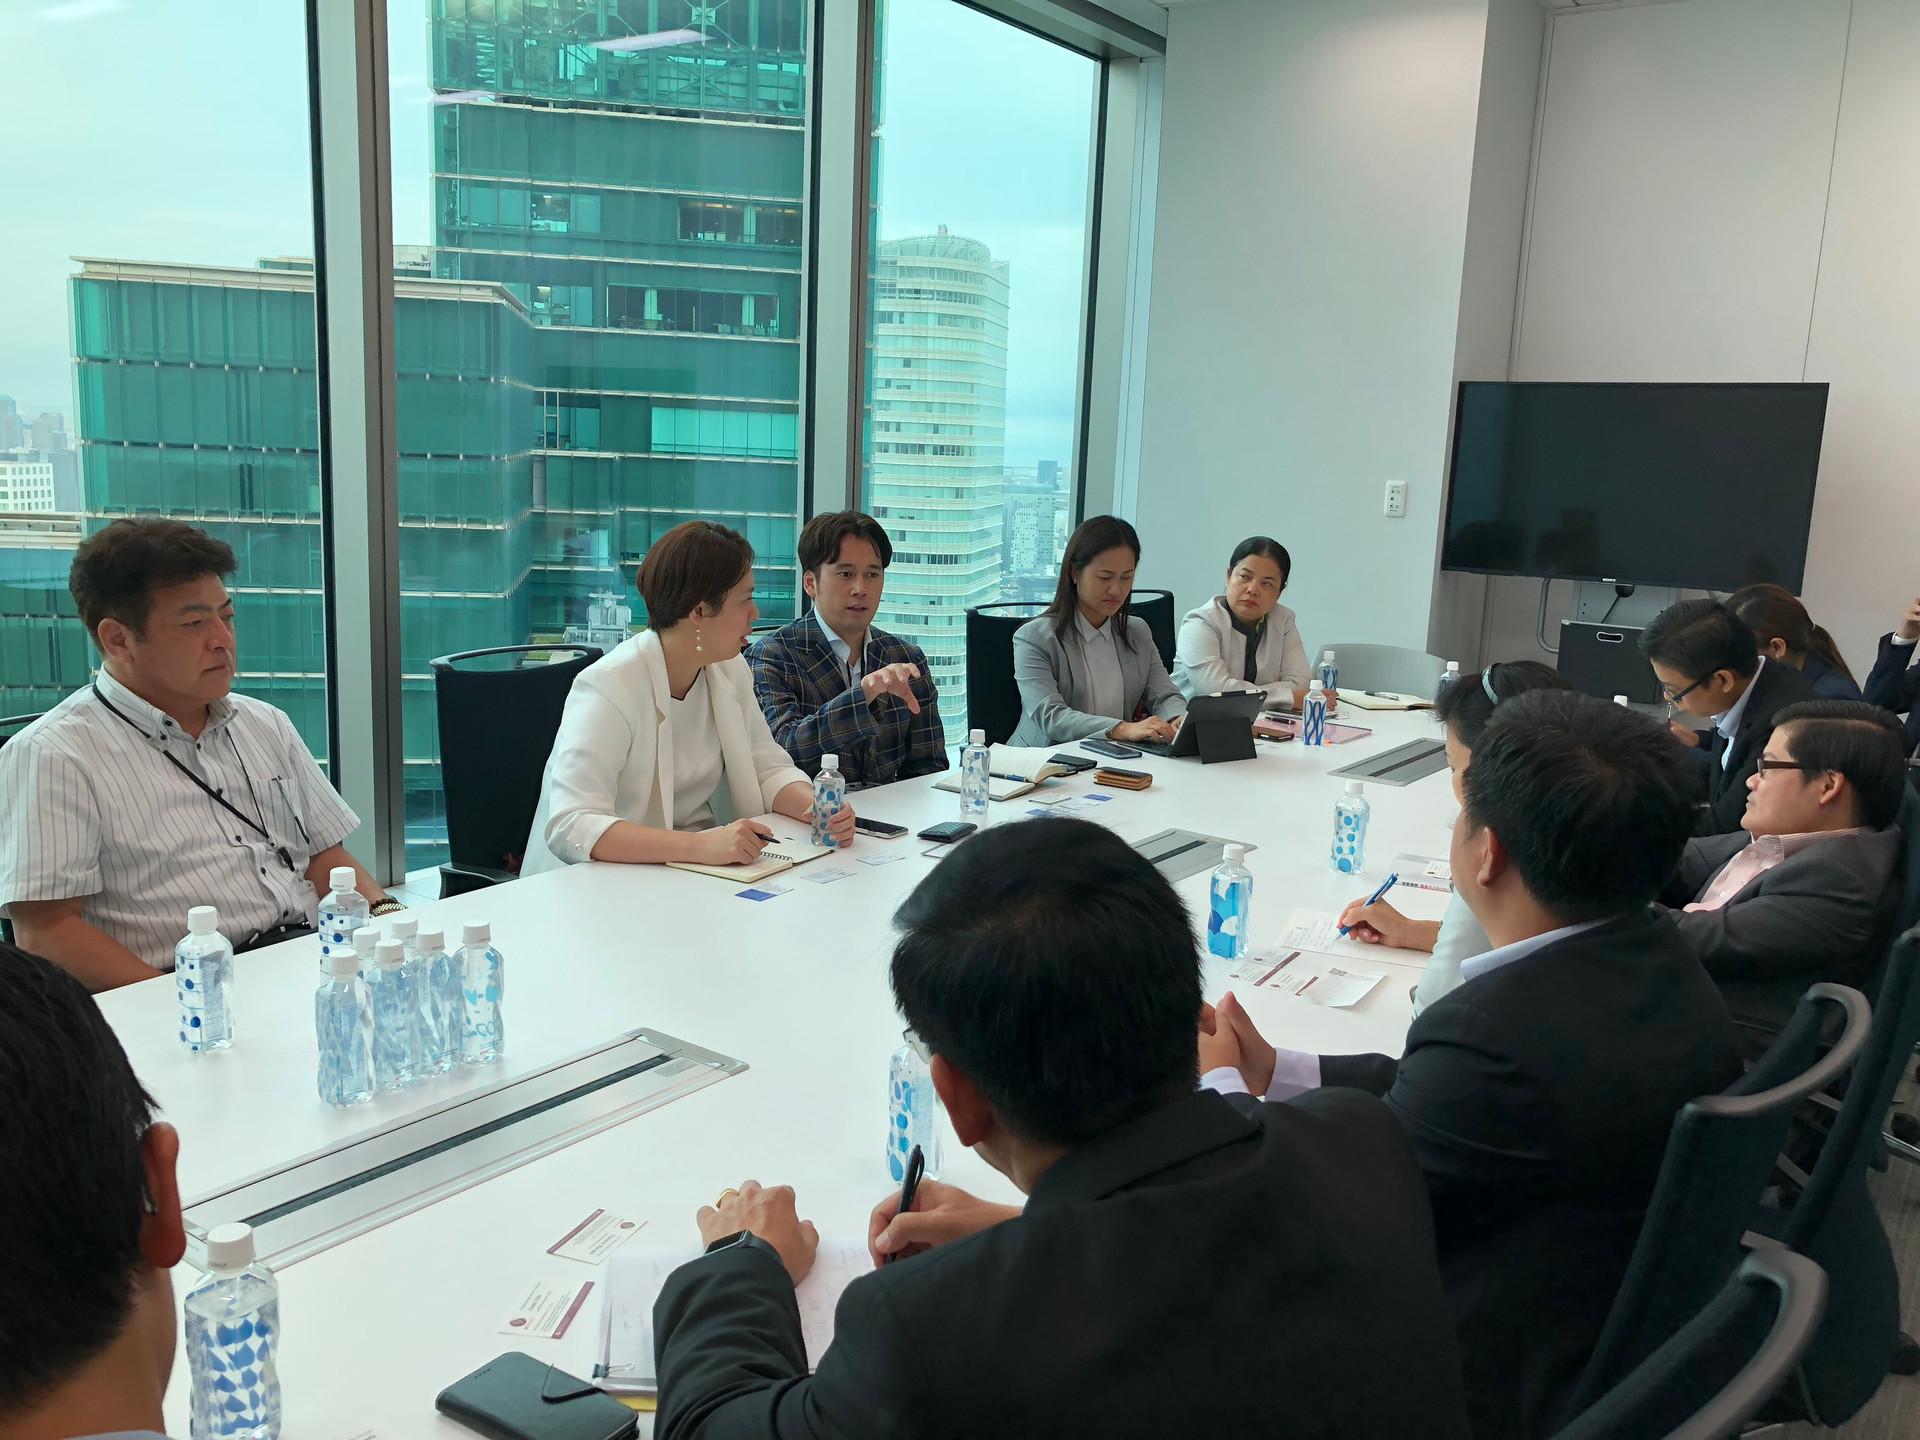 日本外访 - 与币宝团队会晤